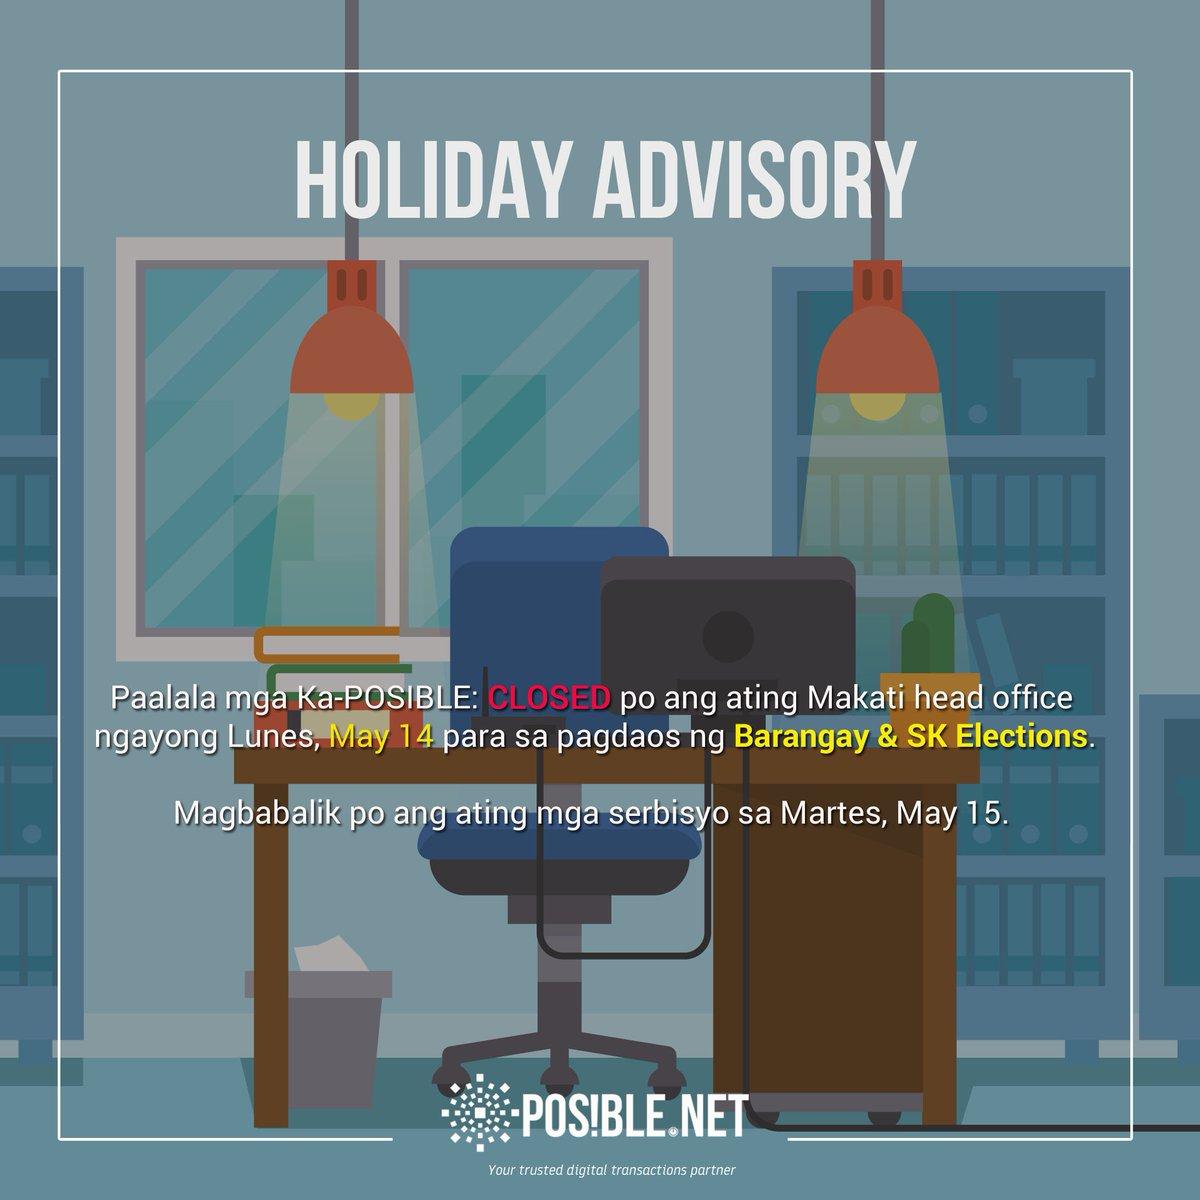 test Twitter Media - Paalala mga Ka-POSIBLE: Closed po ang ating Makati Head Office ngayong Lunes, May 14, para sa pagdaos ng Barangay & SK Elections. #Halalan2018 https://t.co/XxCc7bKtpE